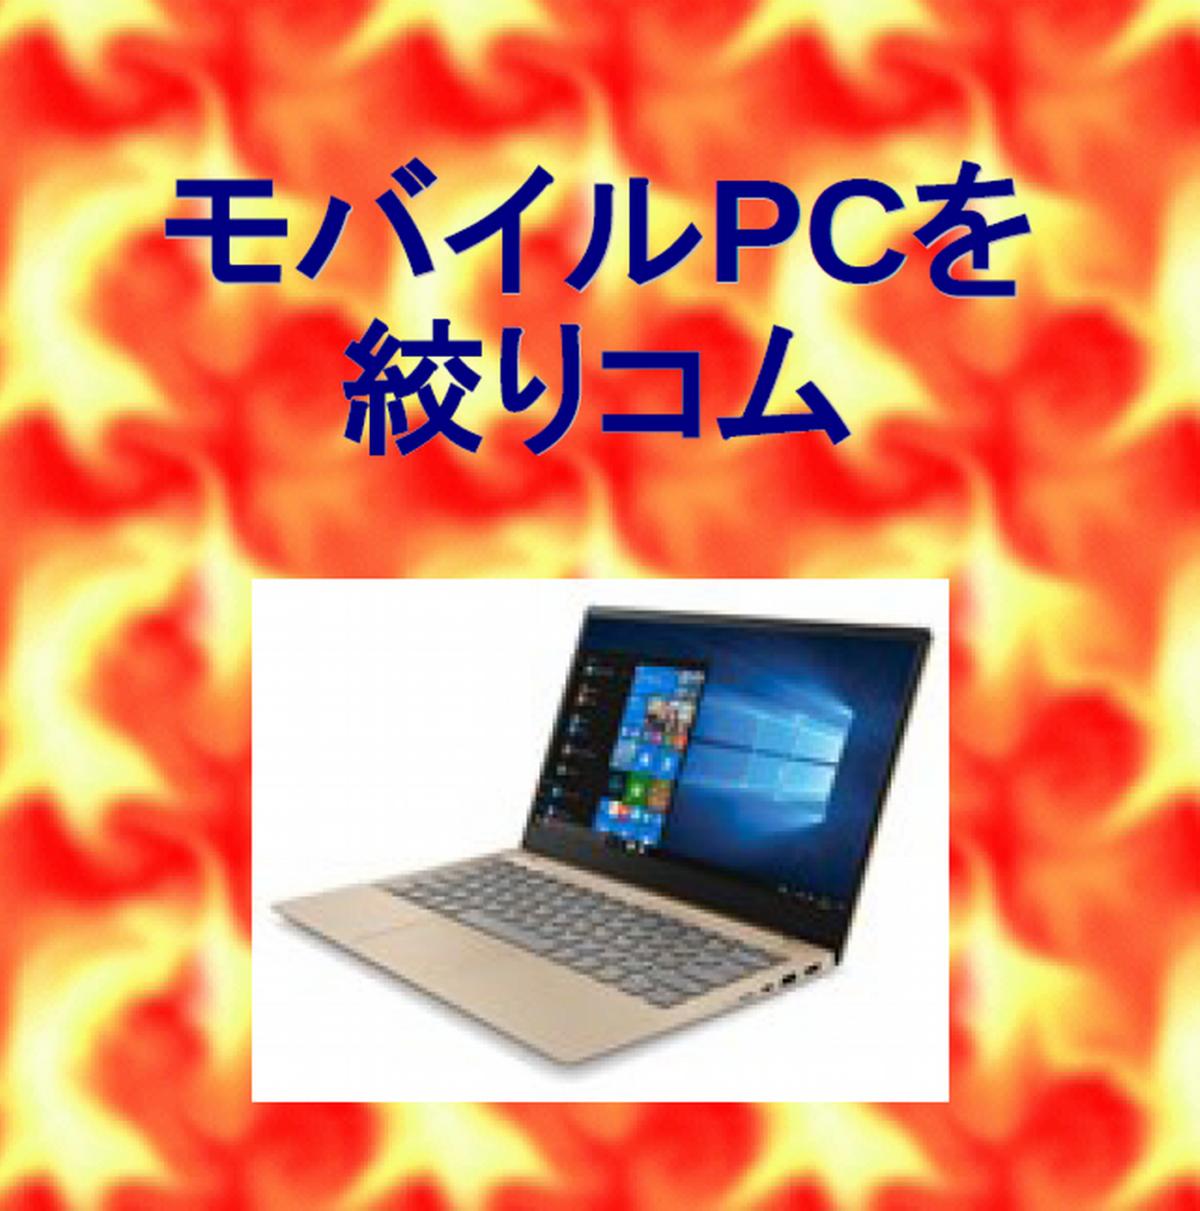 ドット コム パソコン 価格